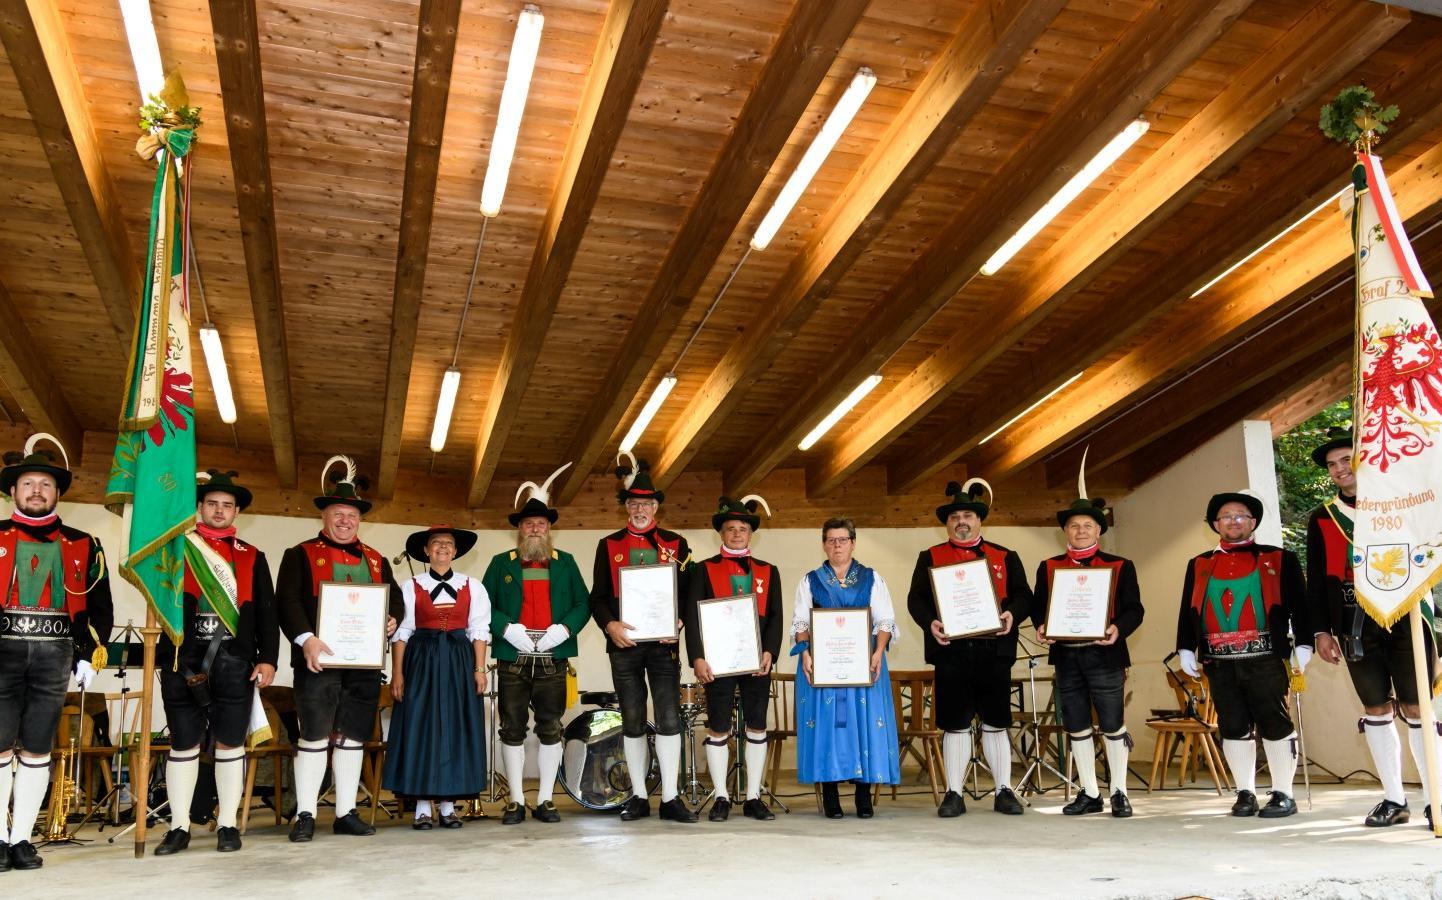 2020_Burgstall_40 Jahre Schützen (5)